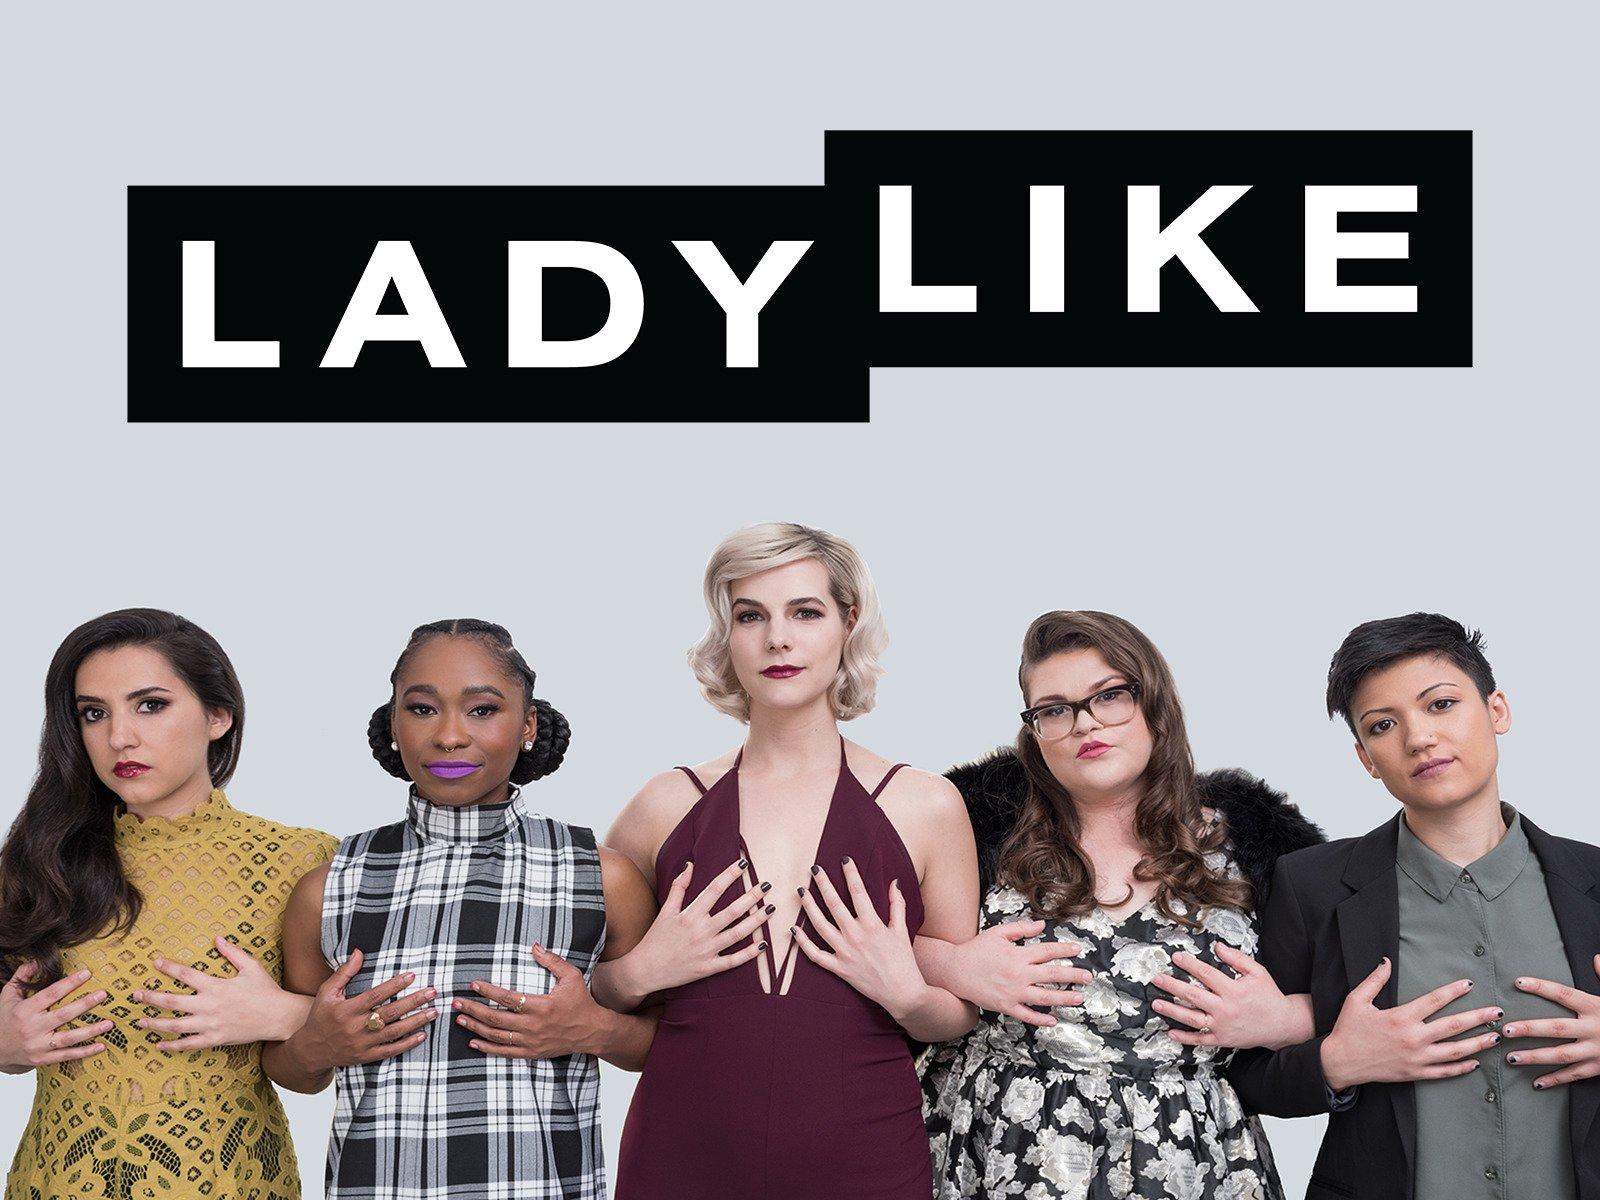 Ladylike - Season 1